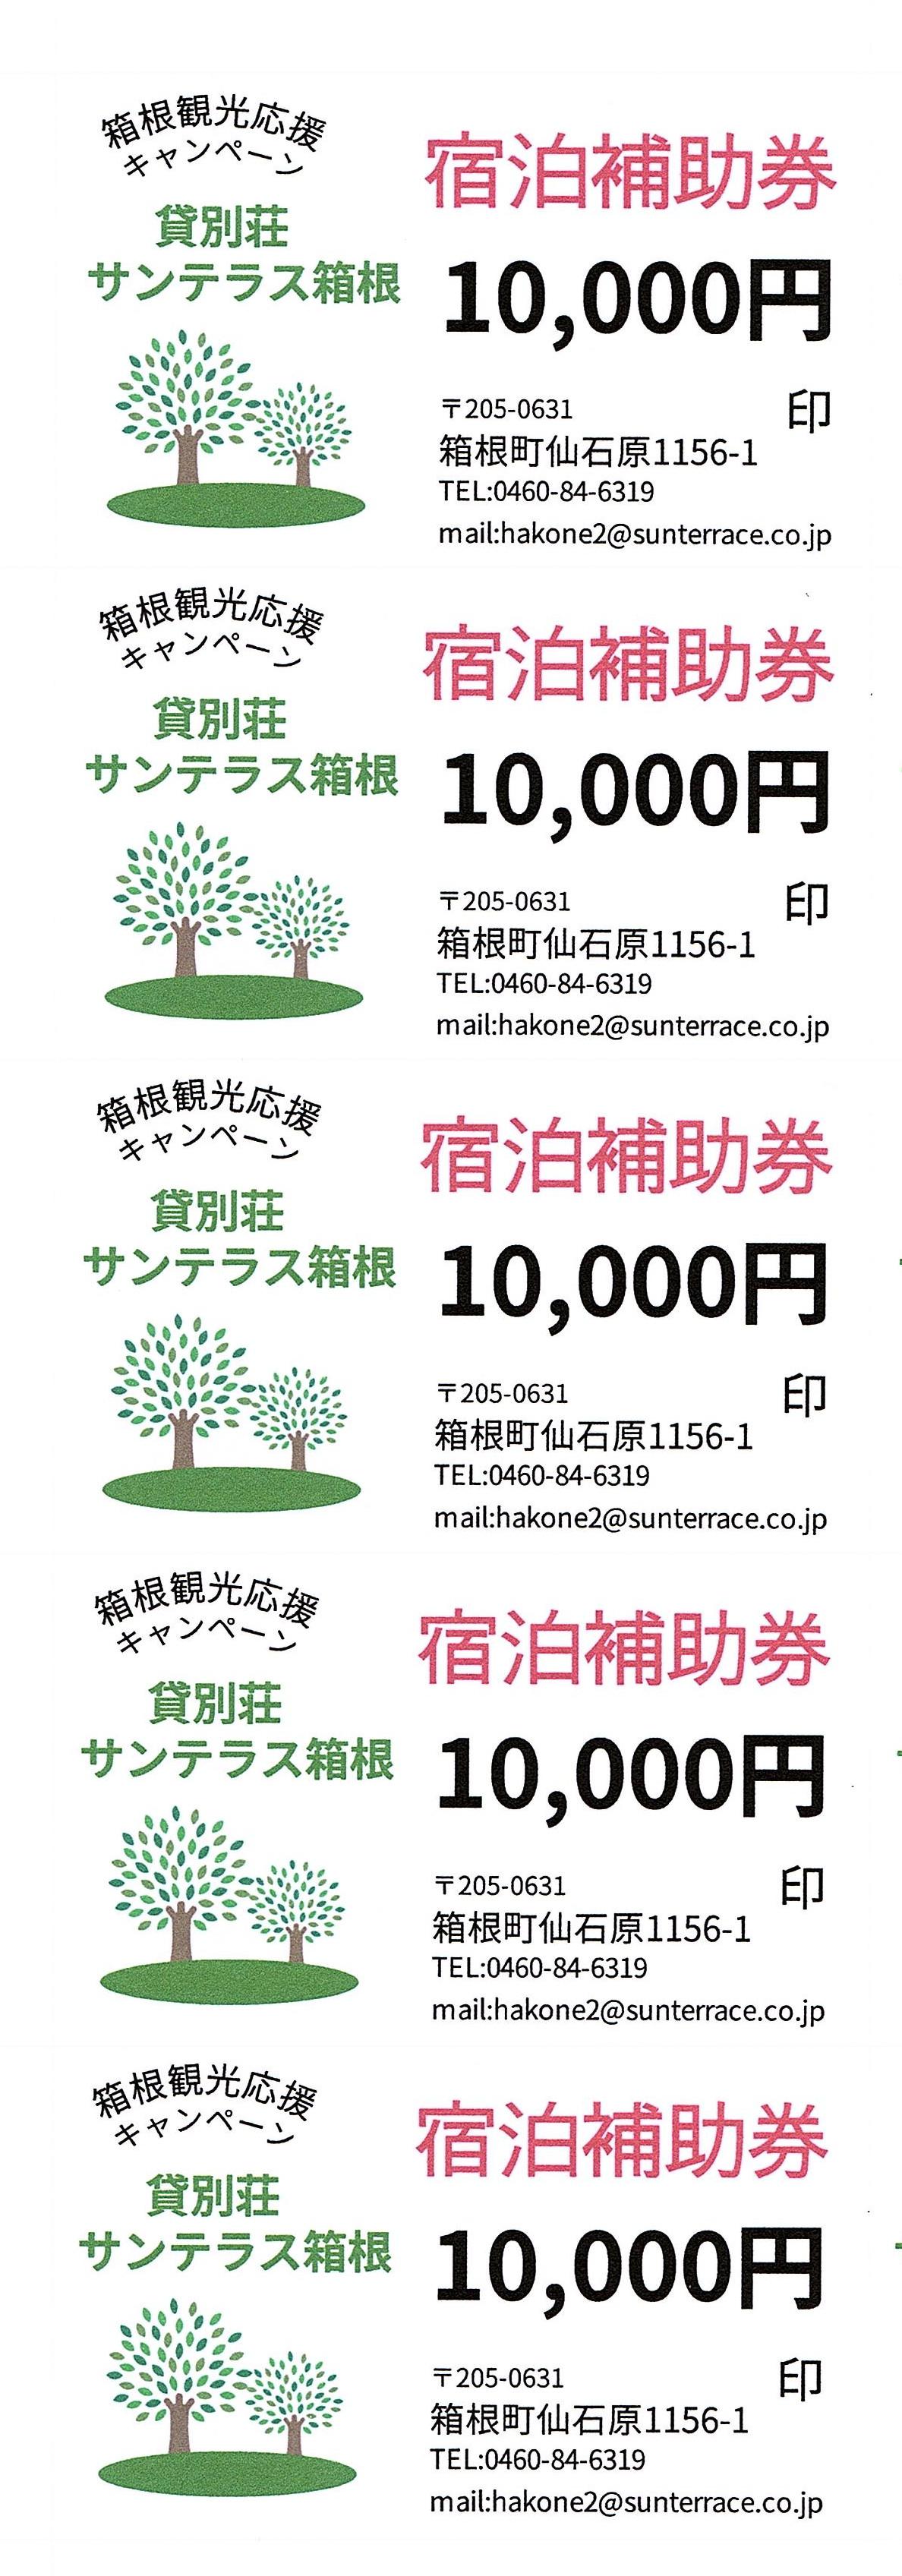 箱根観光応援キャンペーン宿泊補助券 40,000円